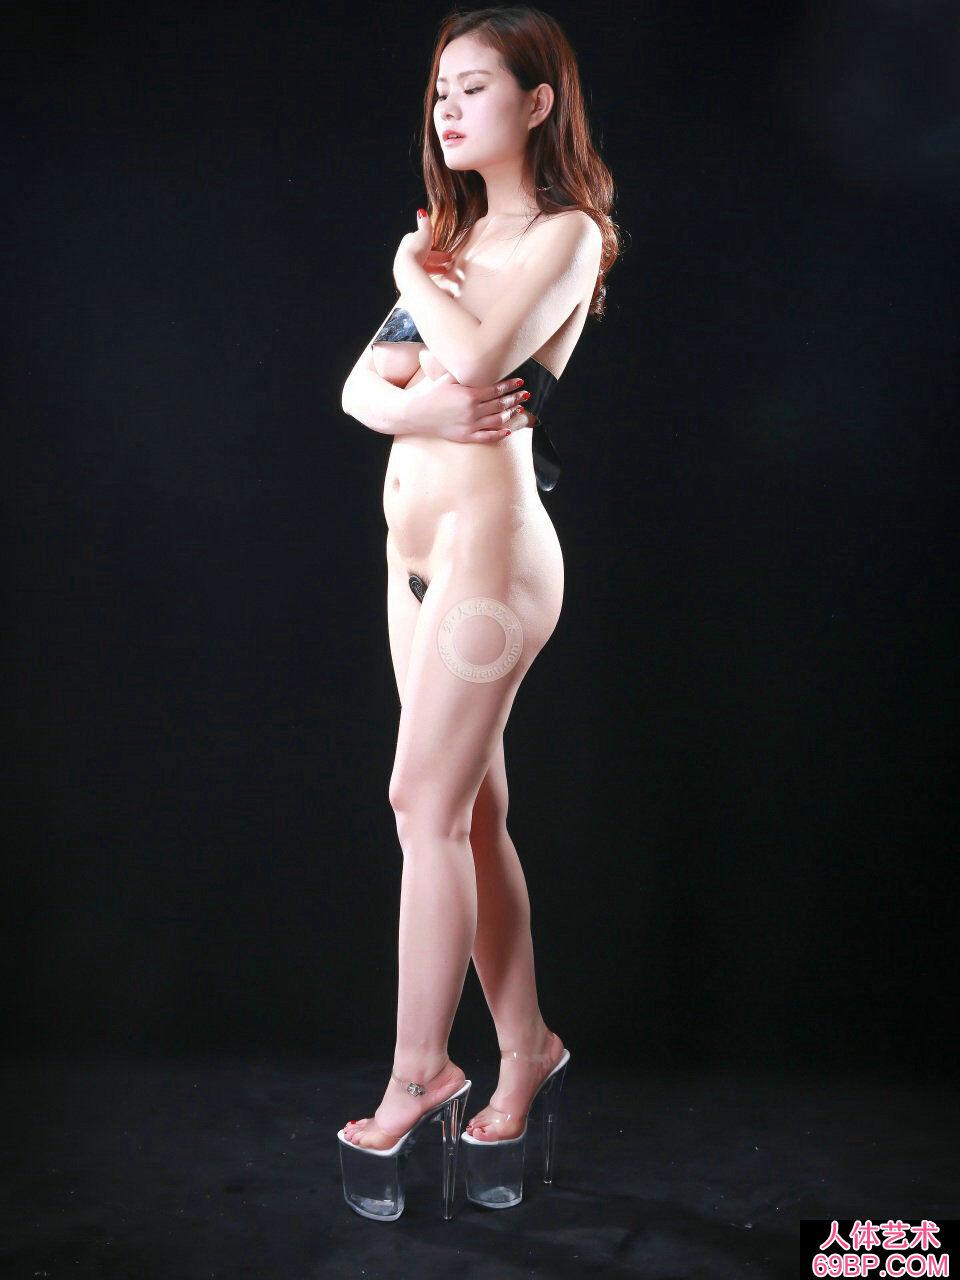 黑色背景室拍超模阿玉胶带裹胸人体写照